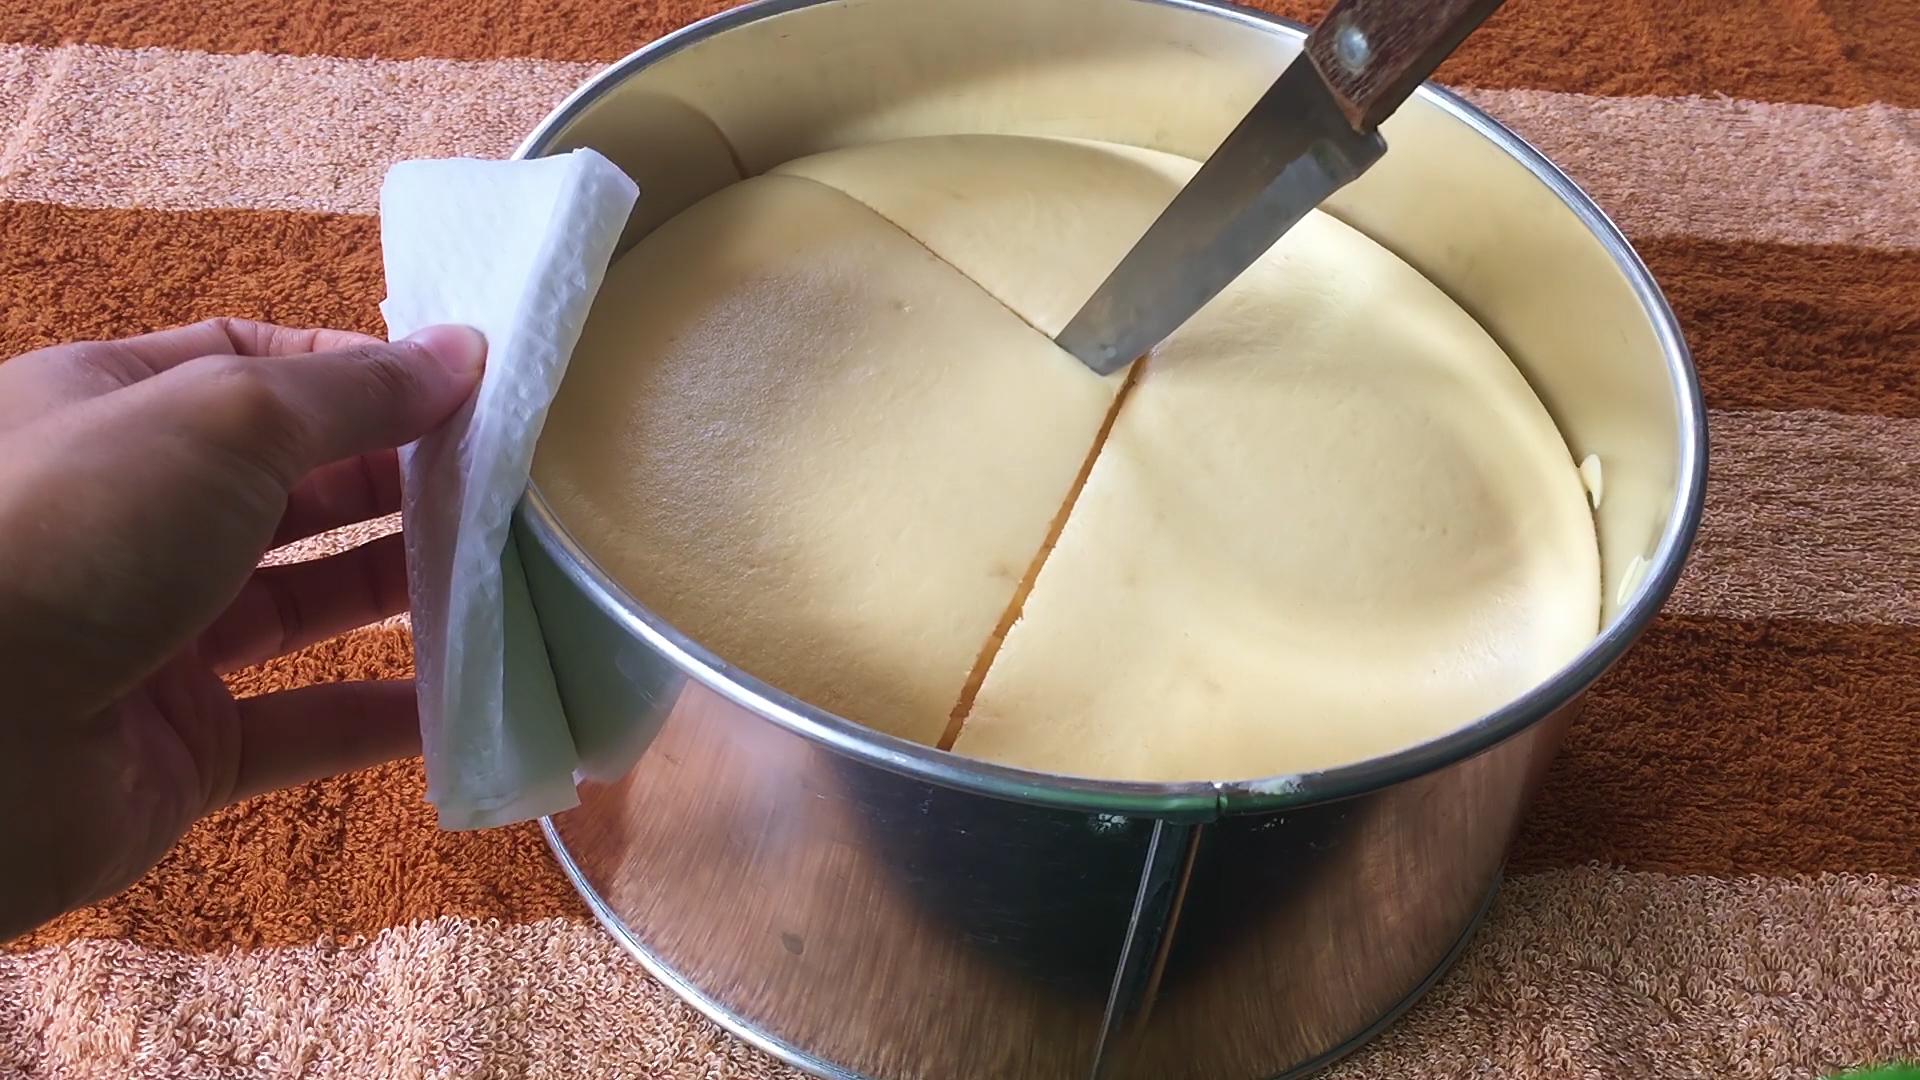 Cách làm bánh chiffon theo phương pháp bột nóng-5 cách làm bánh chiffon Cách làm bánh chiffon theo phương pháp bột nóng cach lam banh chiffon theo phuong phap bot nong 37